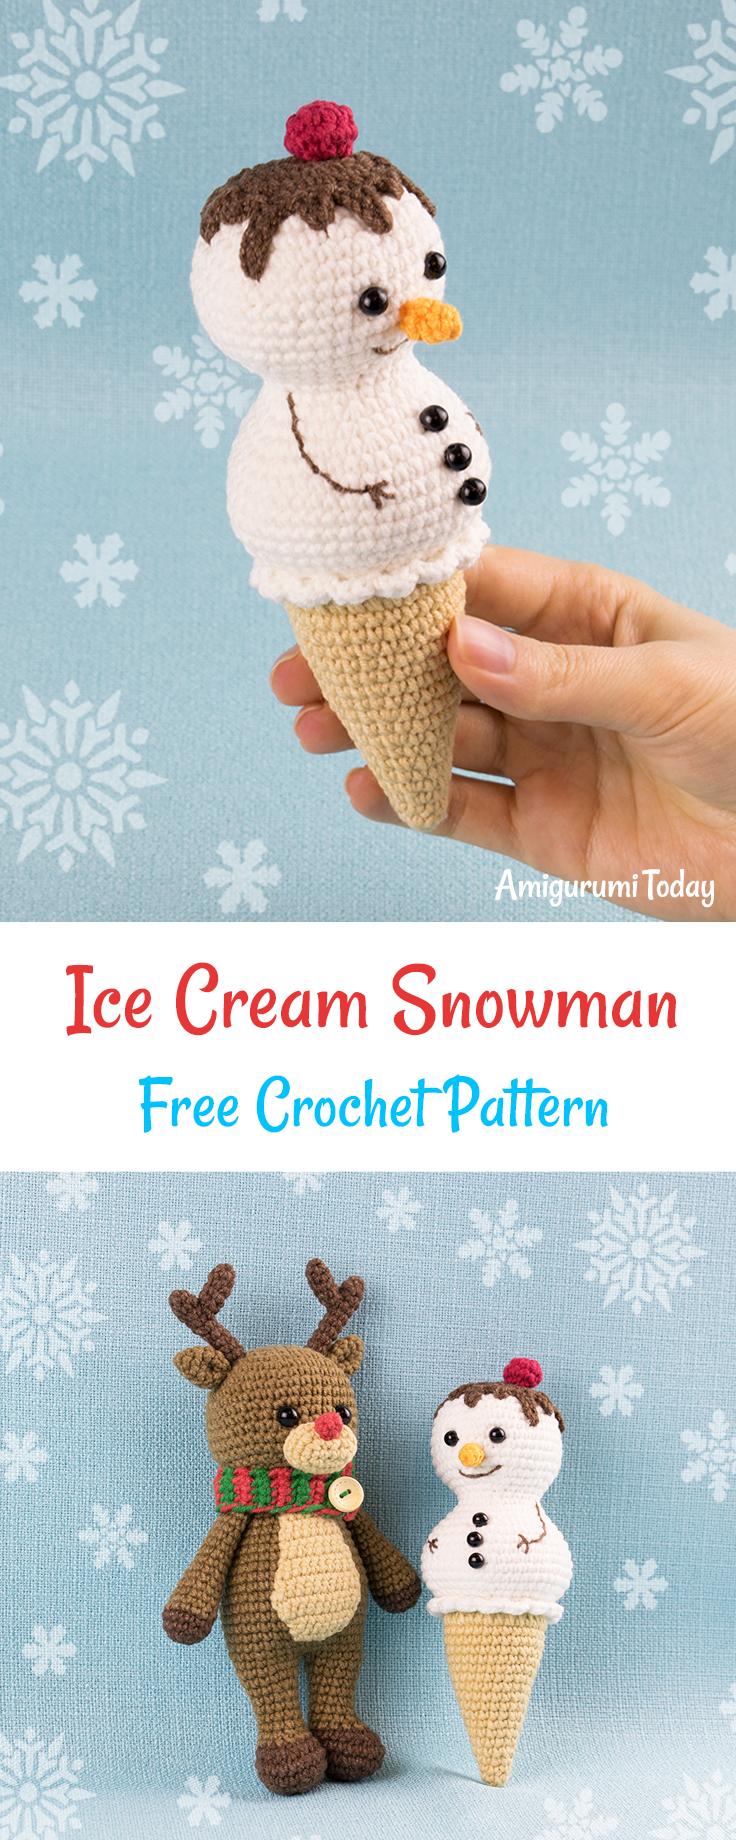 Ice Cream Snowman Crochet Pattern Häkeln Häkelideen Und Handarbeiten